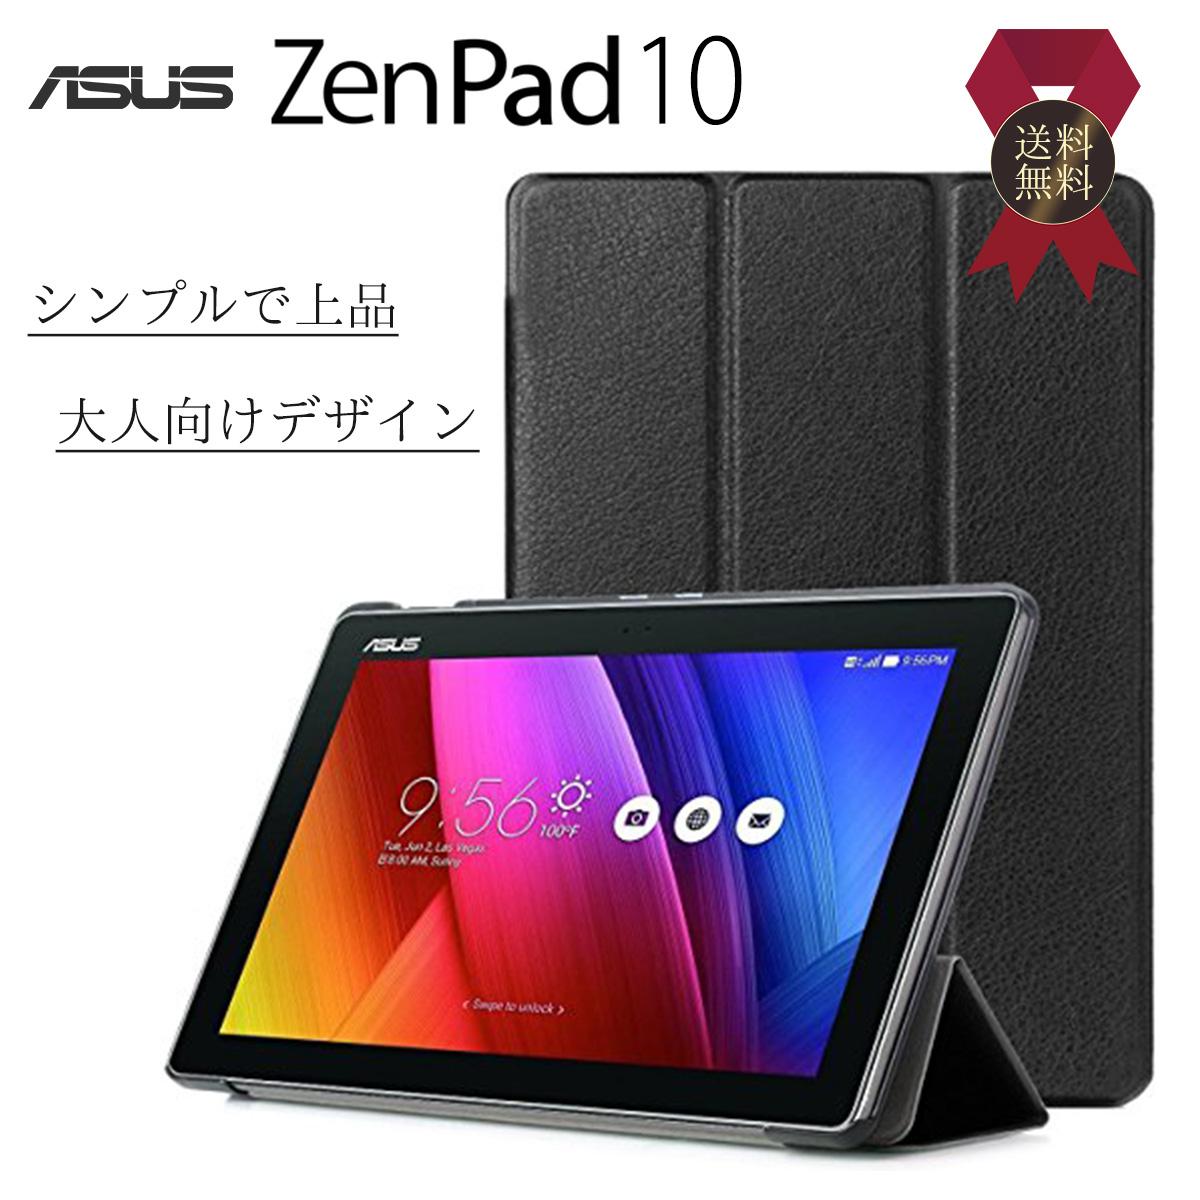 激安価格と即納で通信販売 タブレットケース 10インチ シンプル スタンド おしゃれ ゼンパッド カバー 与え Asus ZenPad 10 Z300C Z300CNL Z300M Z301MFL Z301M ケース スマート 黒 ハード 送料無料 Cover タブレット おすすめ 人気 Case PU オートスリープ 軽量 Smart ポイント消化 レザー PC 薄型